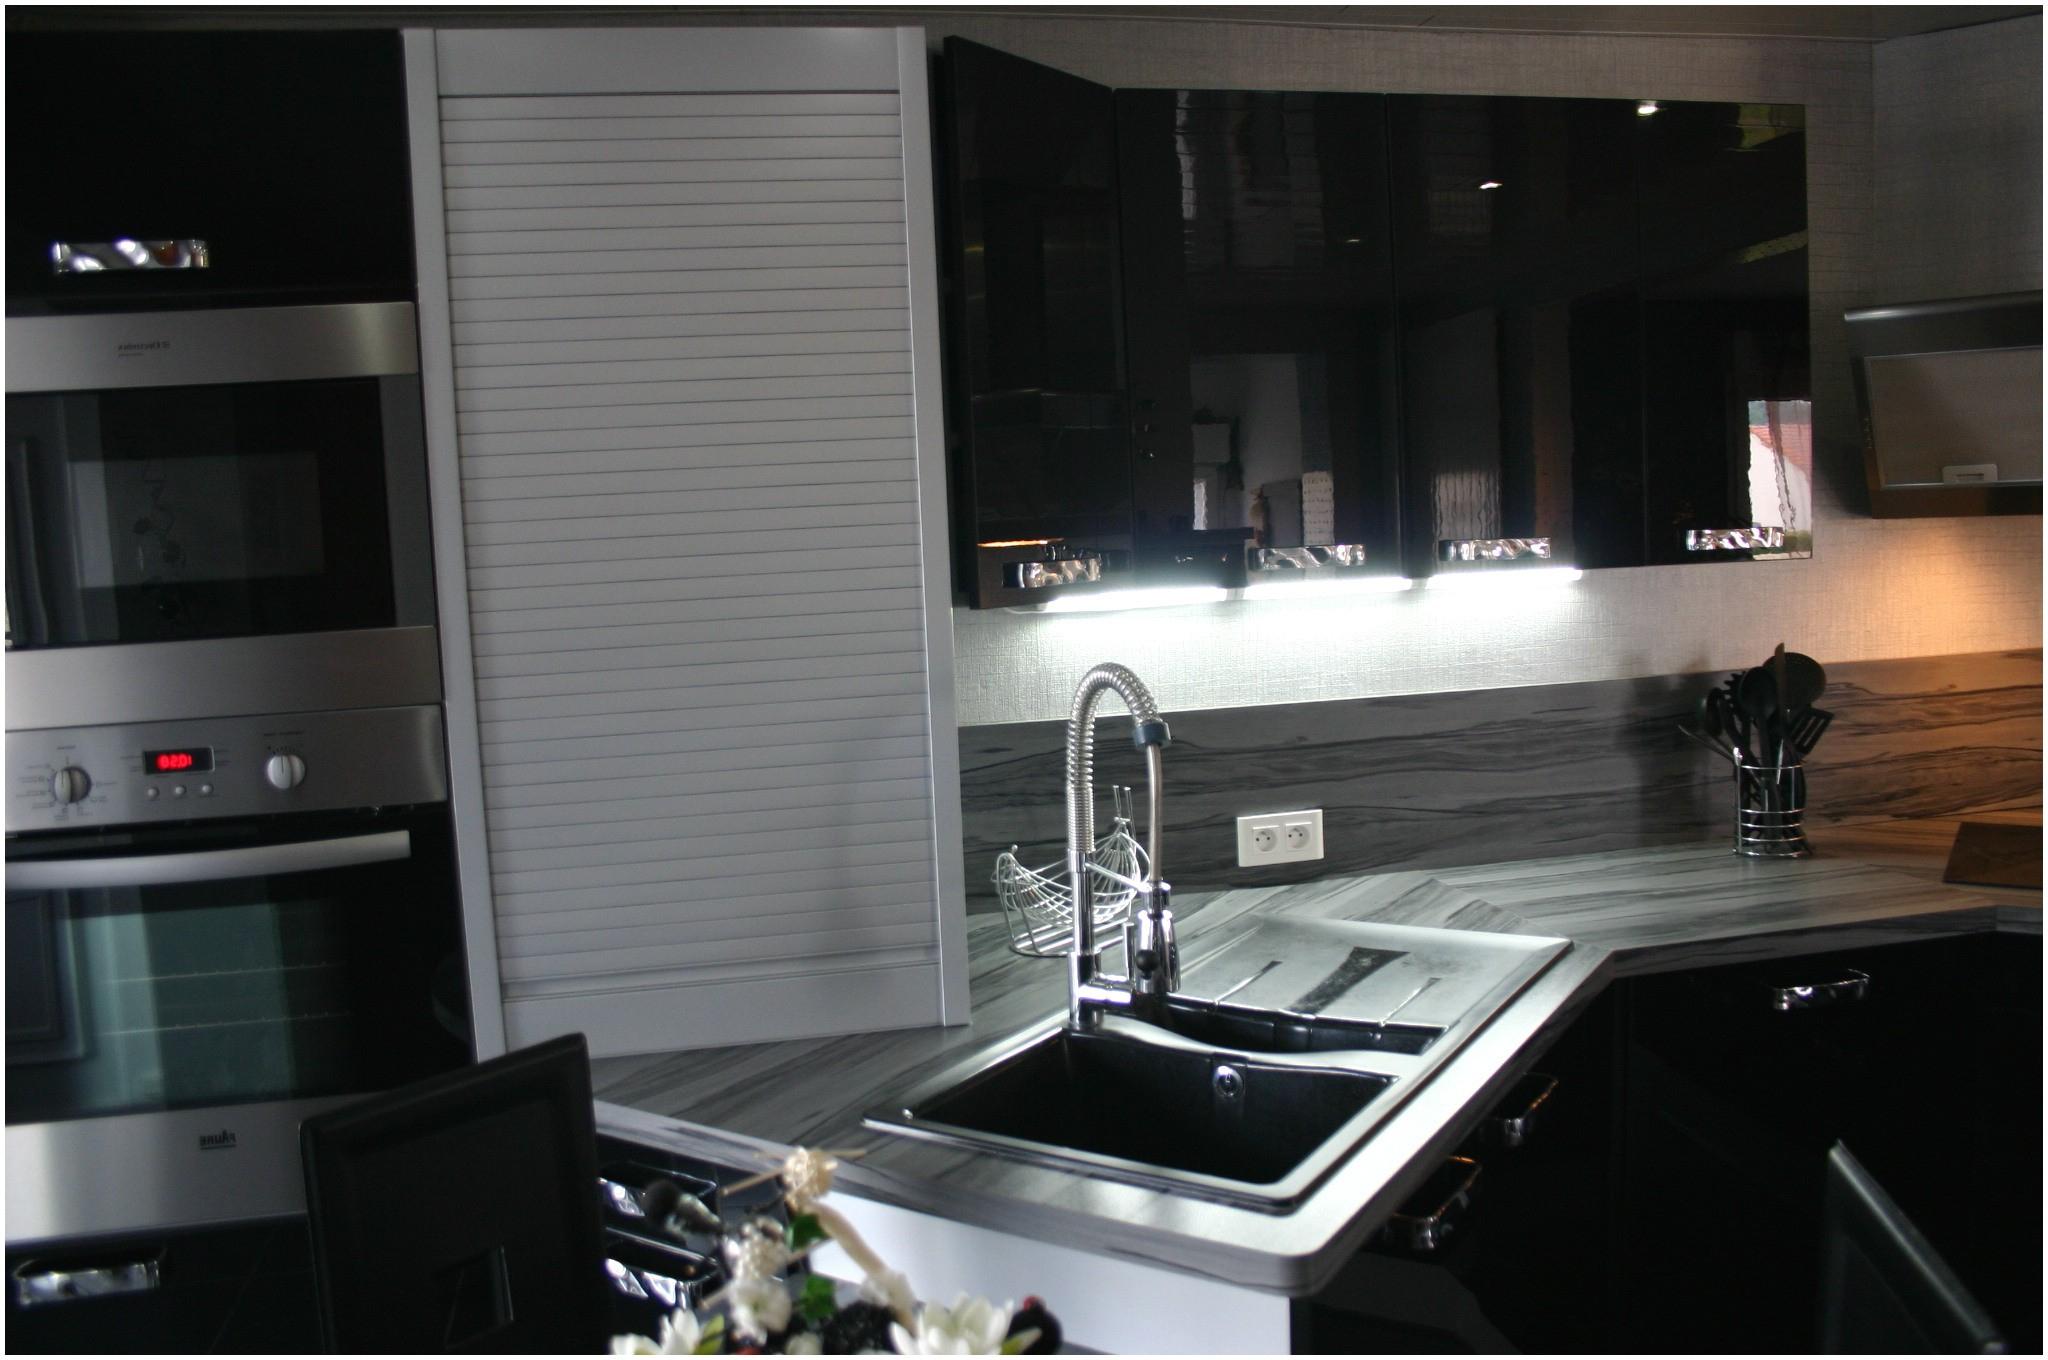 Poignée Meuble Cuisine Castorama Beau Photos Cuisine Noir Laqu Cuisine Ikea Rouge Stunning Cuisine Cuisine Noir